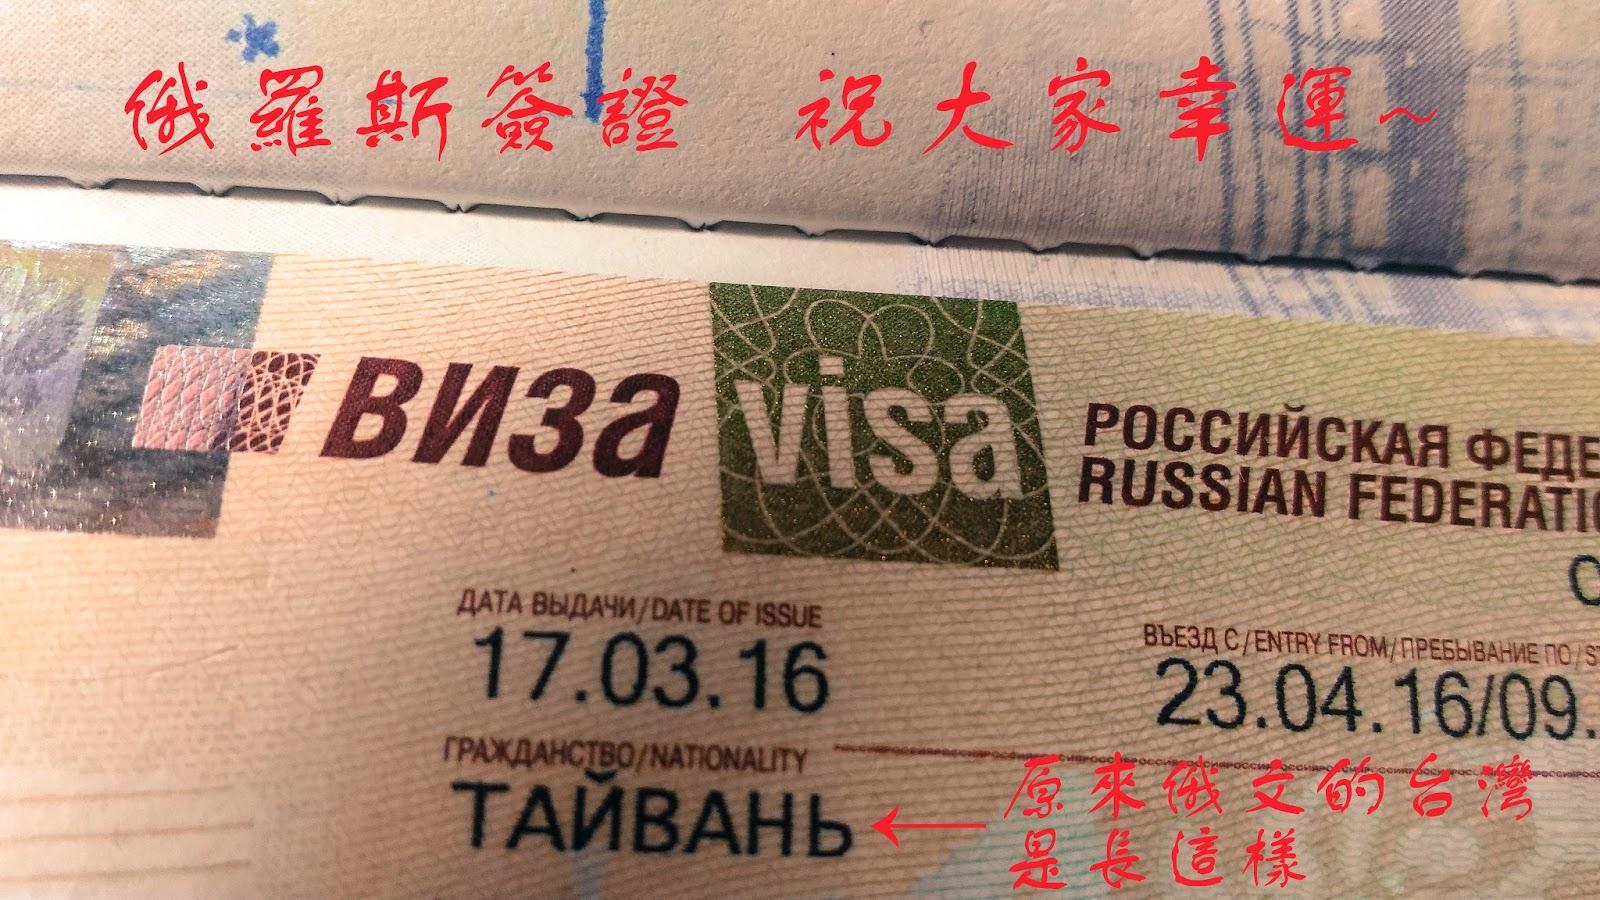 【俄羅斯攻略】簽證及邀請函含真實辦理經過 - 媽媽帶妳去浪跡天涯 ★ 跨越9個時區的旅程